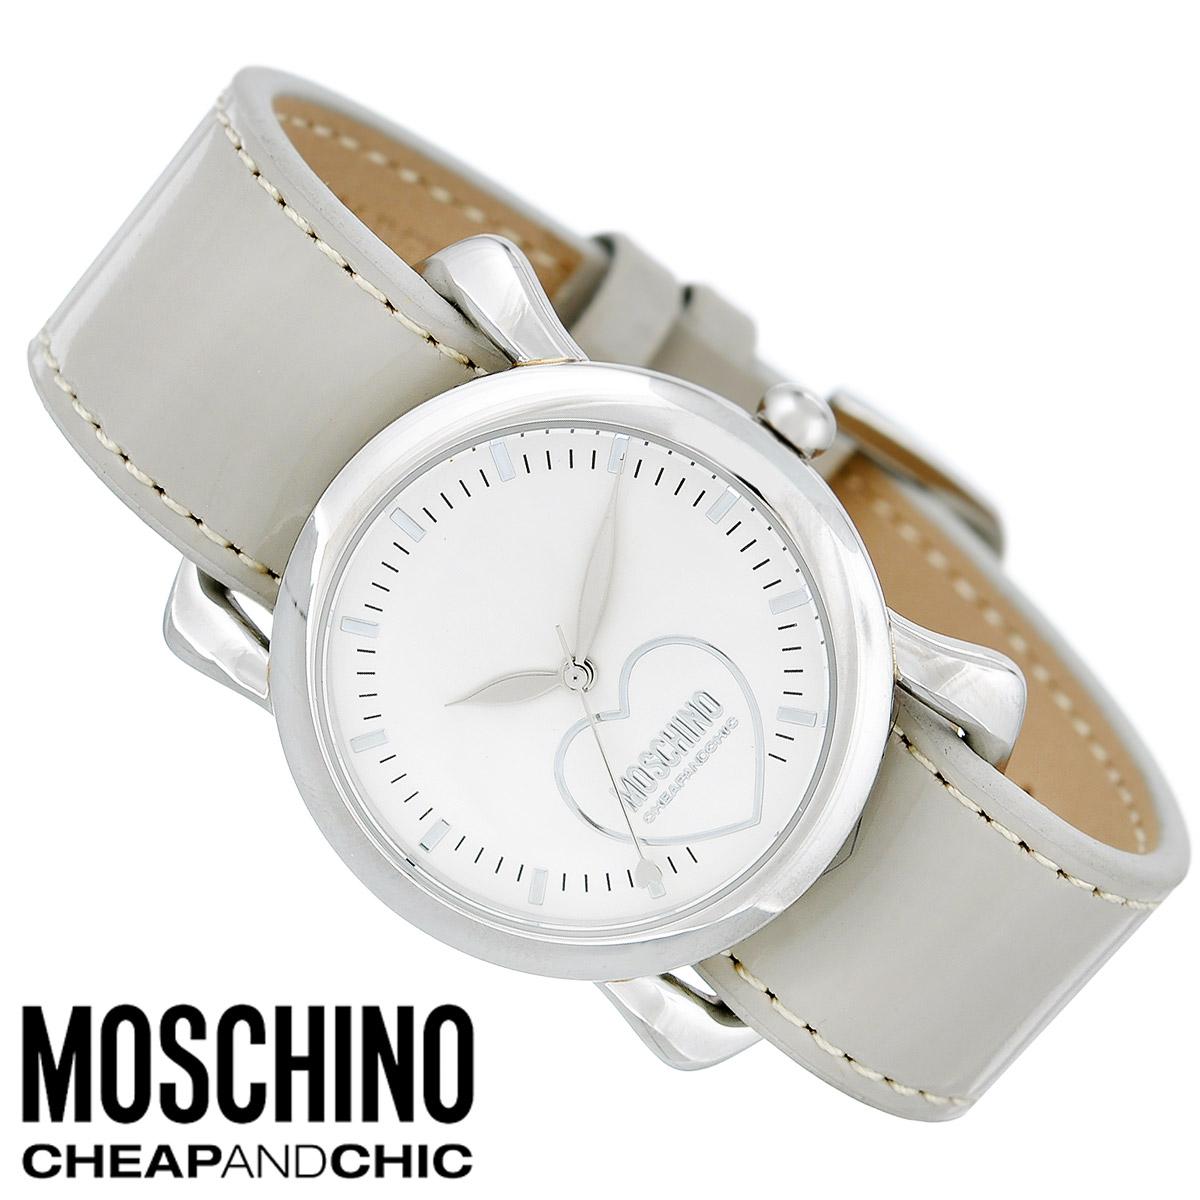 Часы женские наручные Moschino, цвет: серебристый, бежевый. MW0368MW0368Наручные часы от известного итальянского бренда Moschino - это не только стильный и функциональный аксессуар, но и современные технологи, сочетающиеся с экстравагантным дизайном и индивидуальностью. Часы Moschino оснащены кварцевым механизмом. Корпус выполнен из высококачественной нержавеющей стали. Циферблат оформлен сердцем с названием бренда и защищен минеральным стеклом. Часы имеют три стрелки - часовую, минутную и секундную. Часы можно носить как на шелковом фирменном платке, так и на ремешке из натуральной кожи. Платок также можно использовать в качестве самостоятельного аксессуара на шее или украсить им сумочку. Часы упакованы в фирменную металлическую коробку с логотипом бренда. Часы Moschino благодаря своему уникальному дизайну отличаются от часов других марок своеобразными циферблатами, функциональностью, а также набором уникальных технических свойств. Каждой модели присуща легкая экстравагантность, самобытность и, безусловно, великолепный...